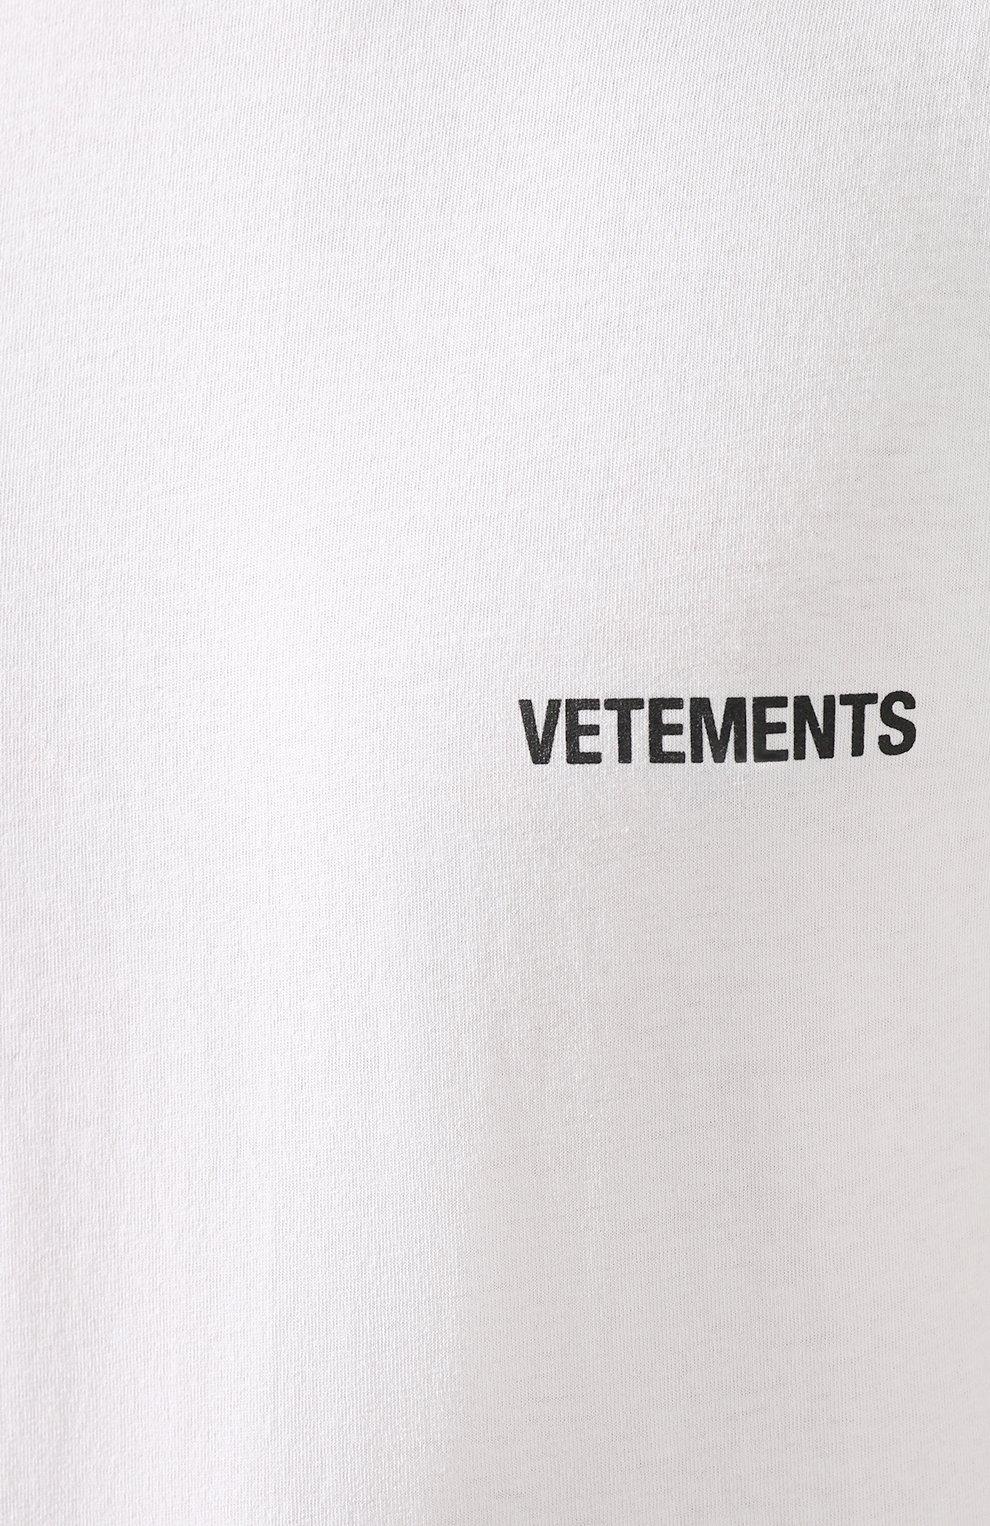 Мужская хлопковая футболка VETEMENTS белого цвета, арт. UAH21TR501 1600/M   Фото 5